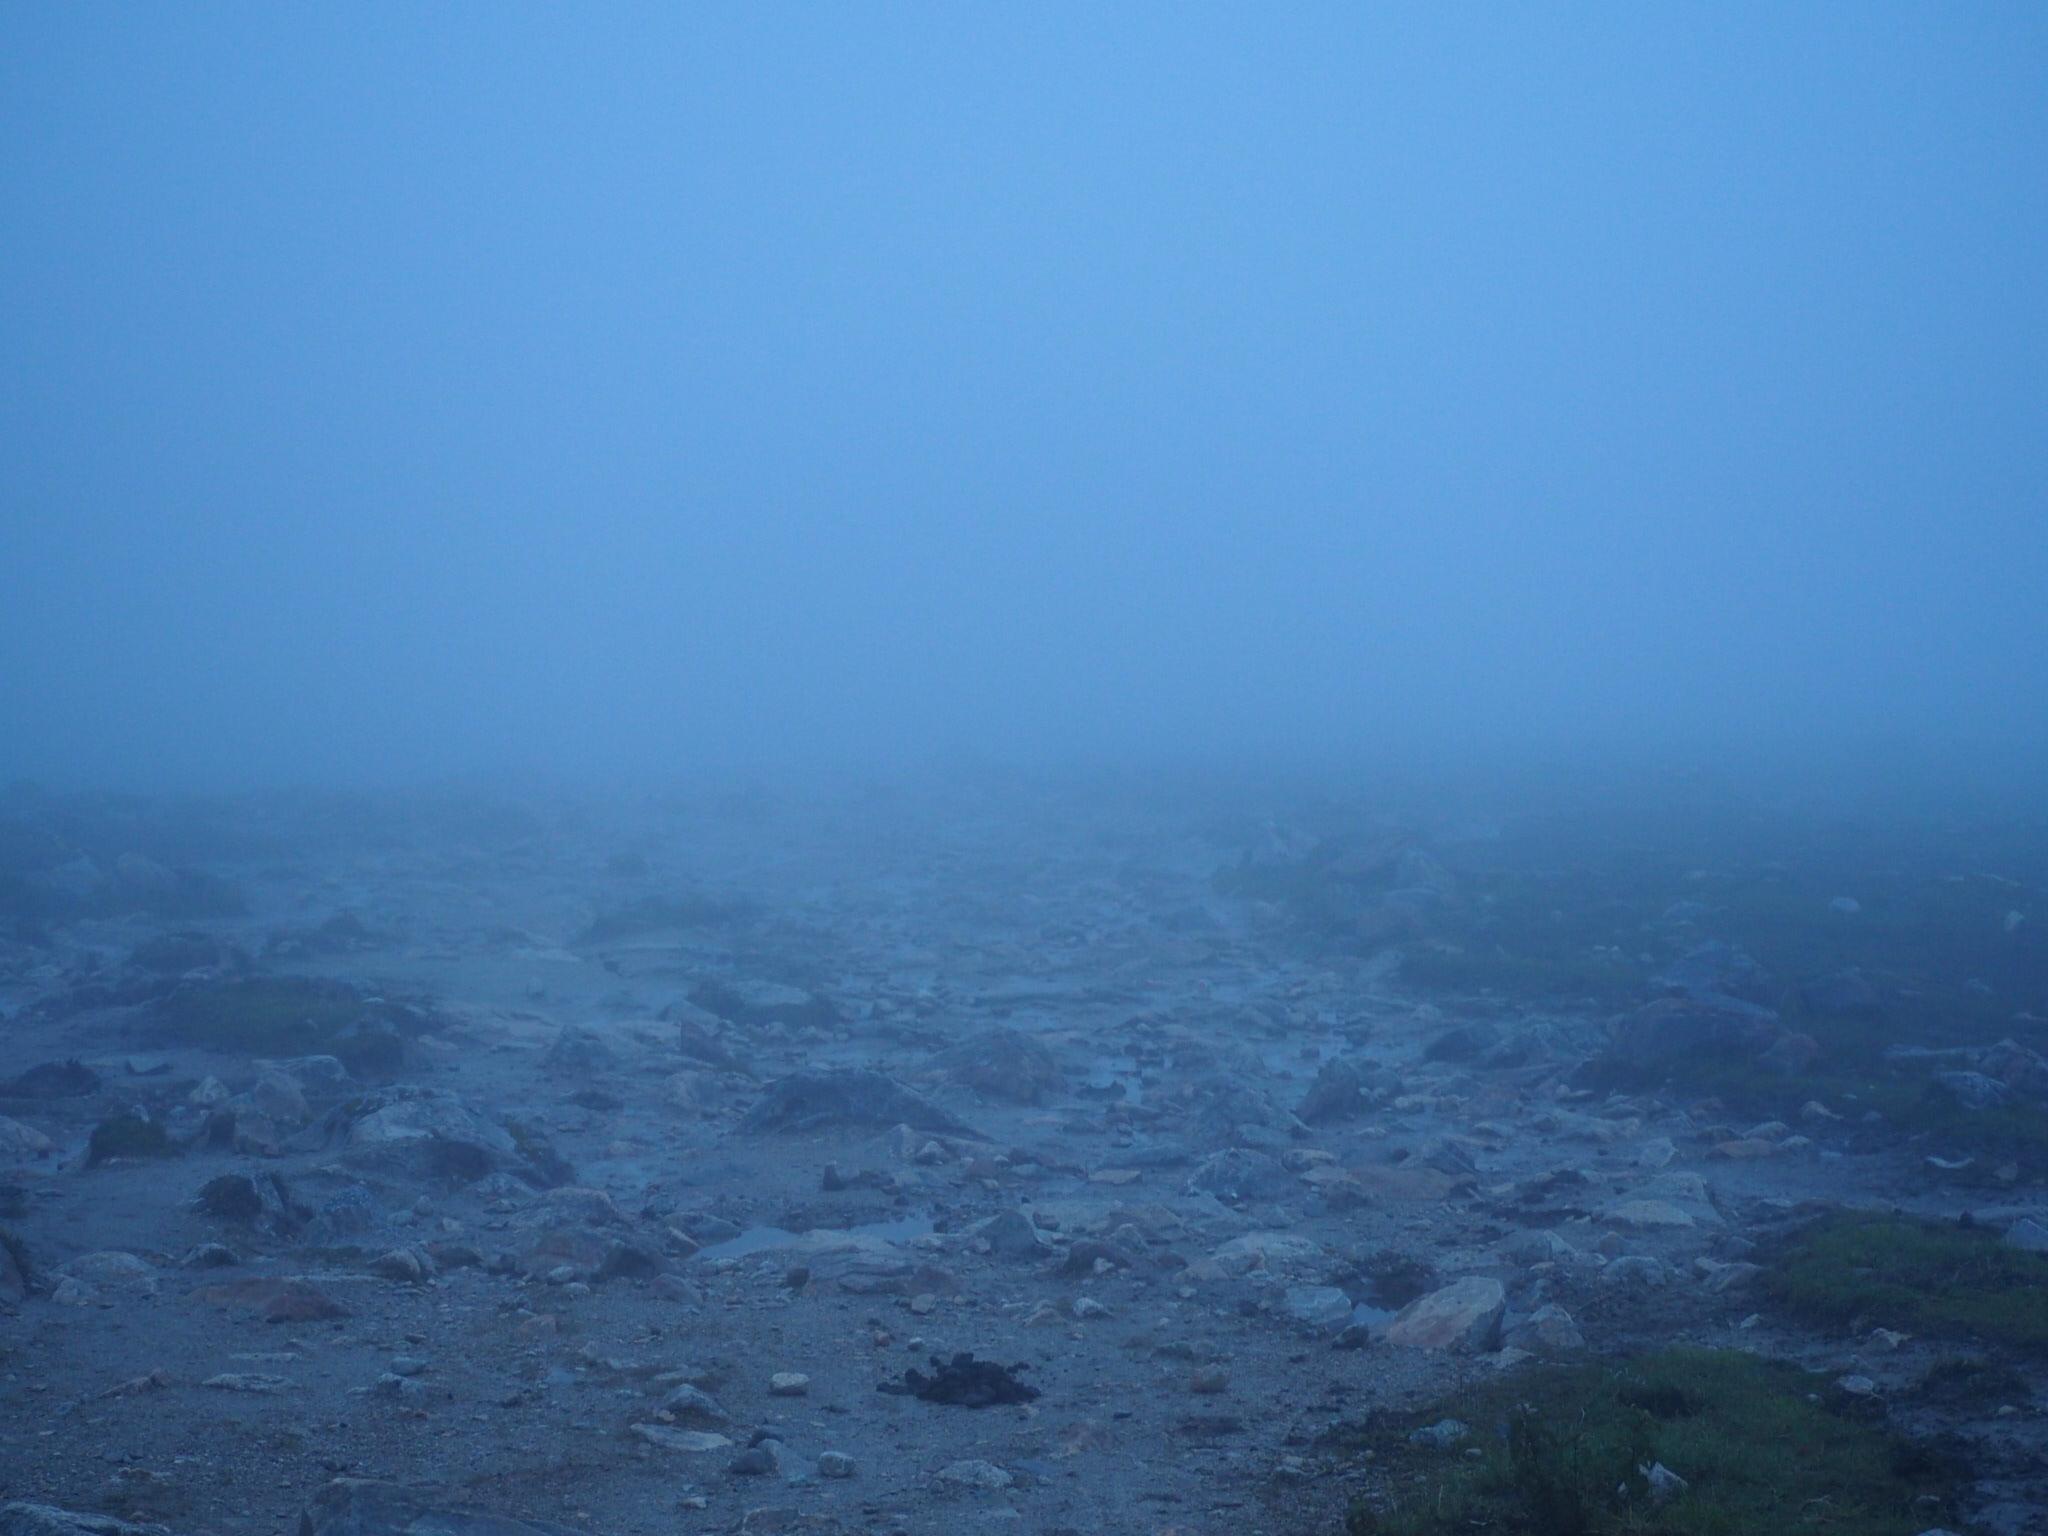 Fog. - Fog.